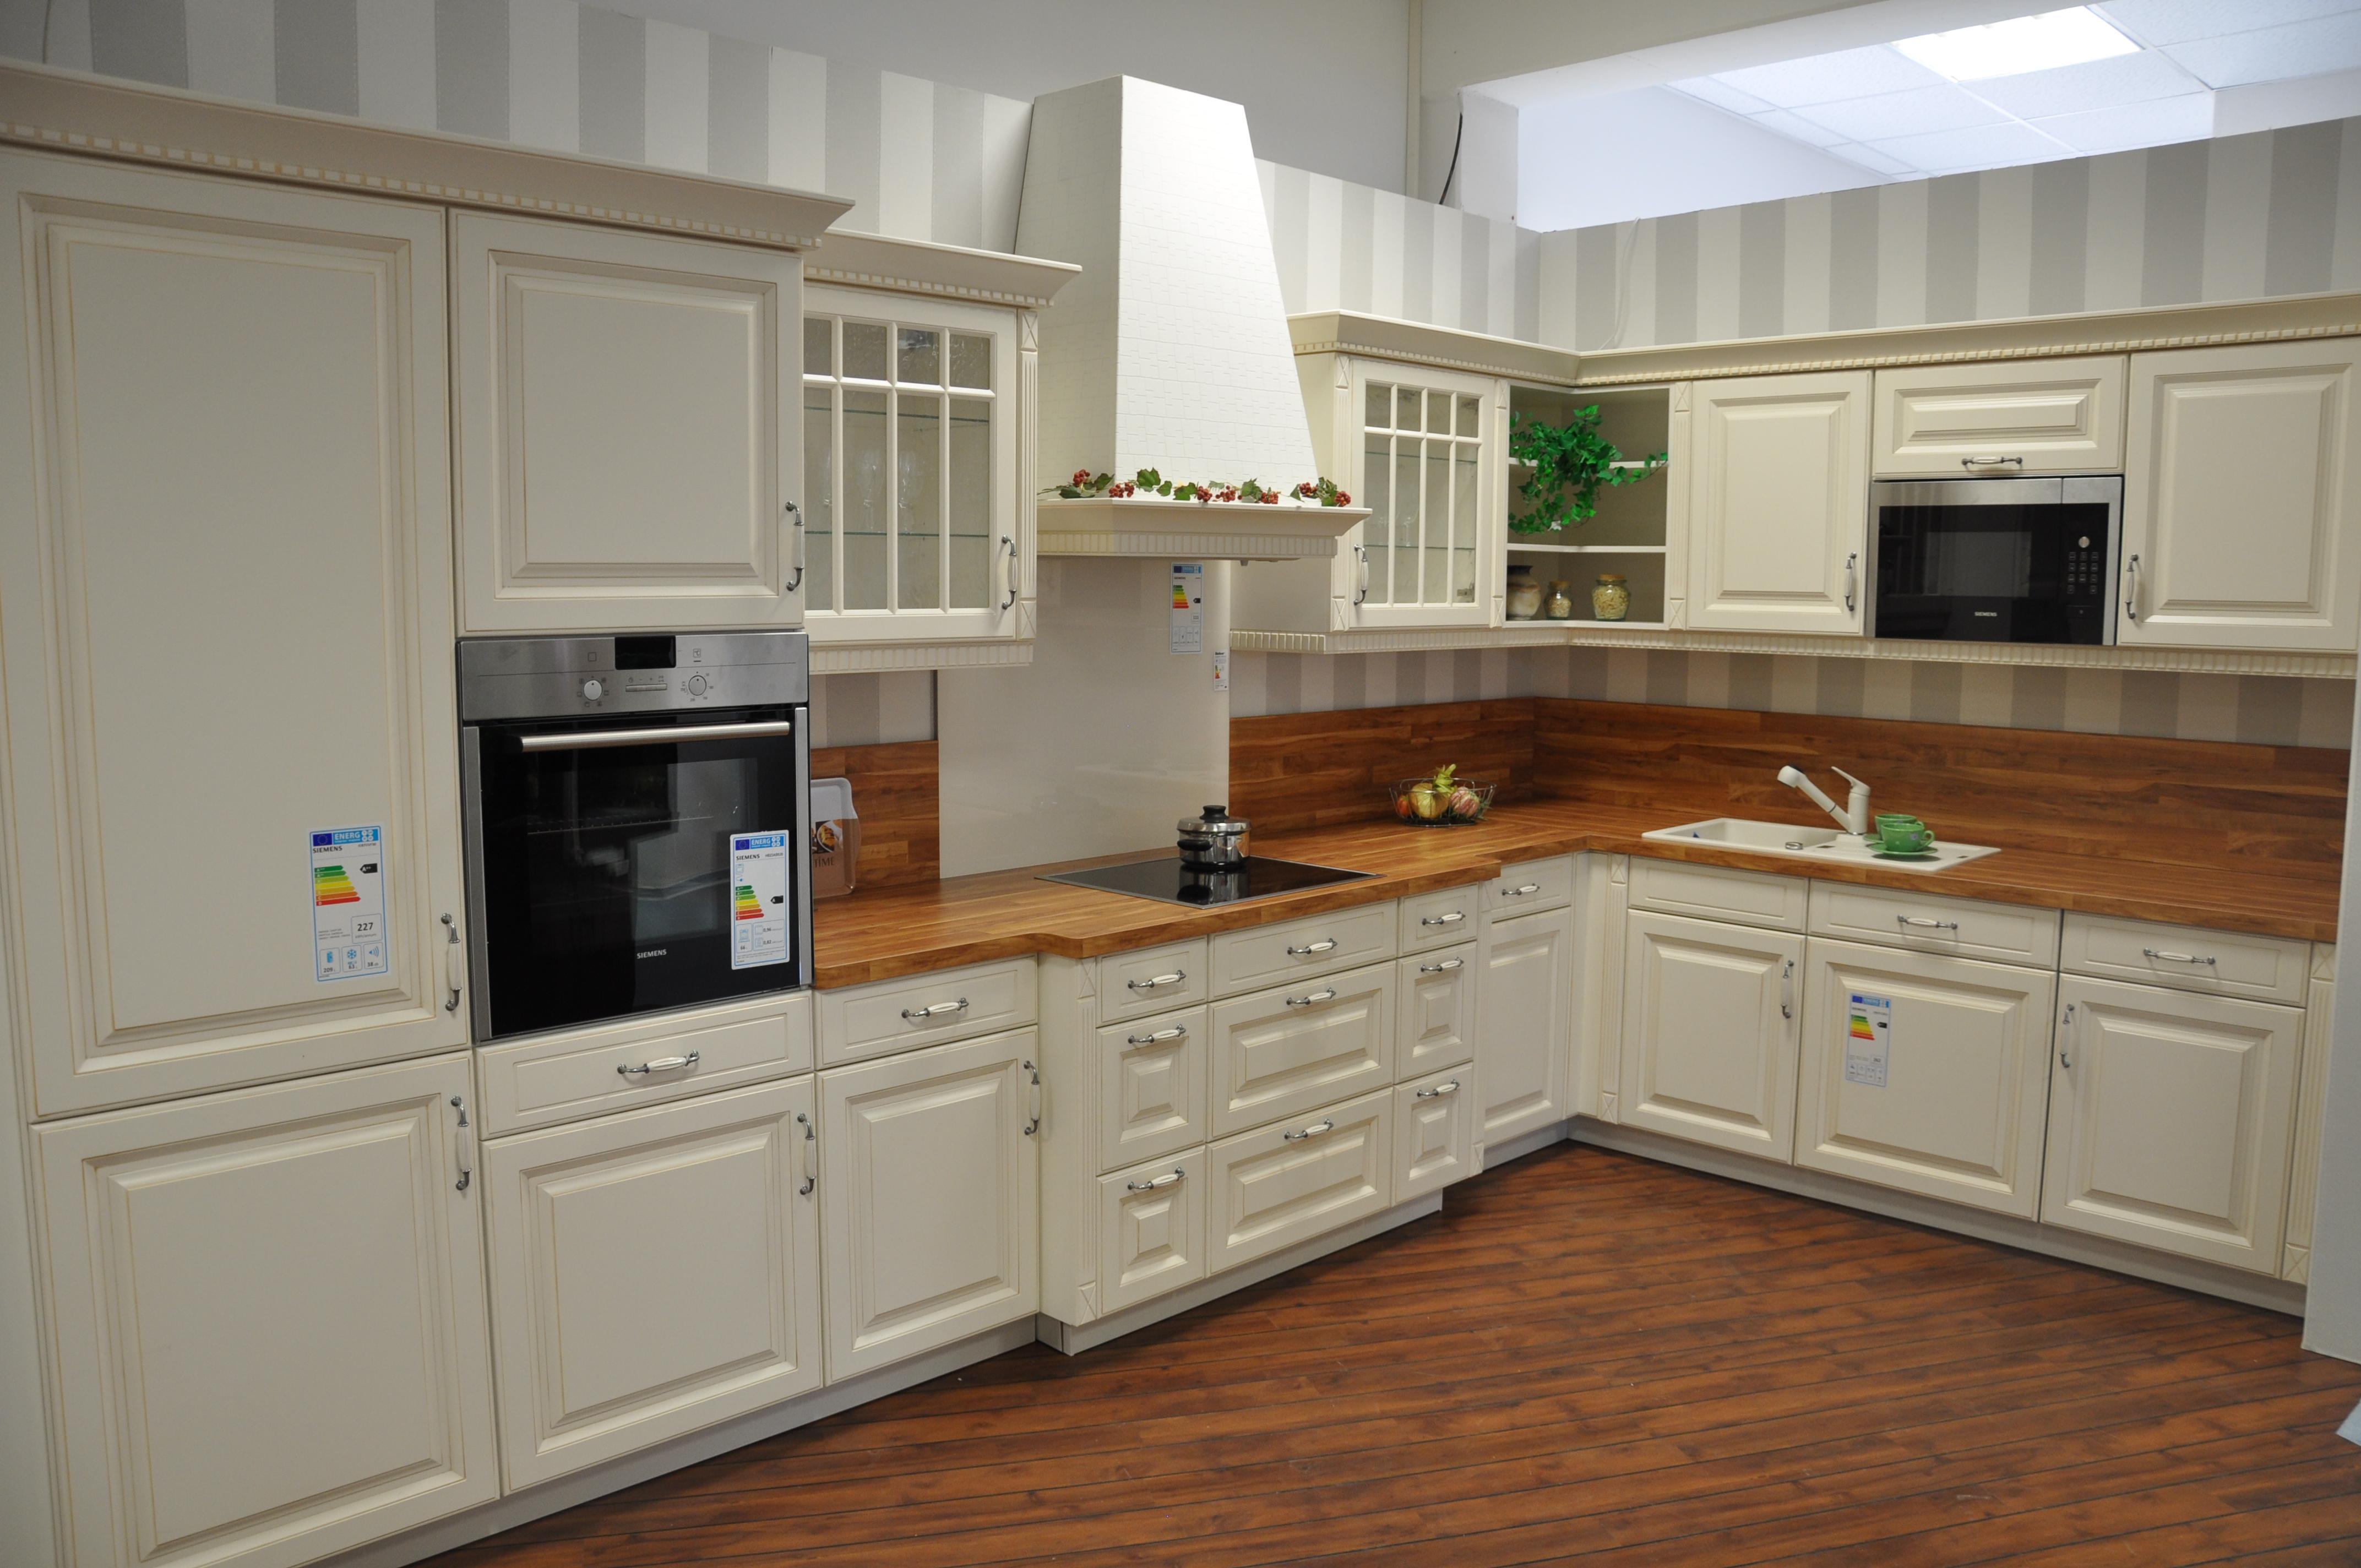 Küchenstudio Rostock hoco küchen rostock unsere küchenausstellung